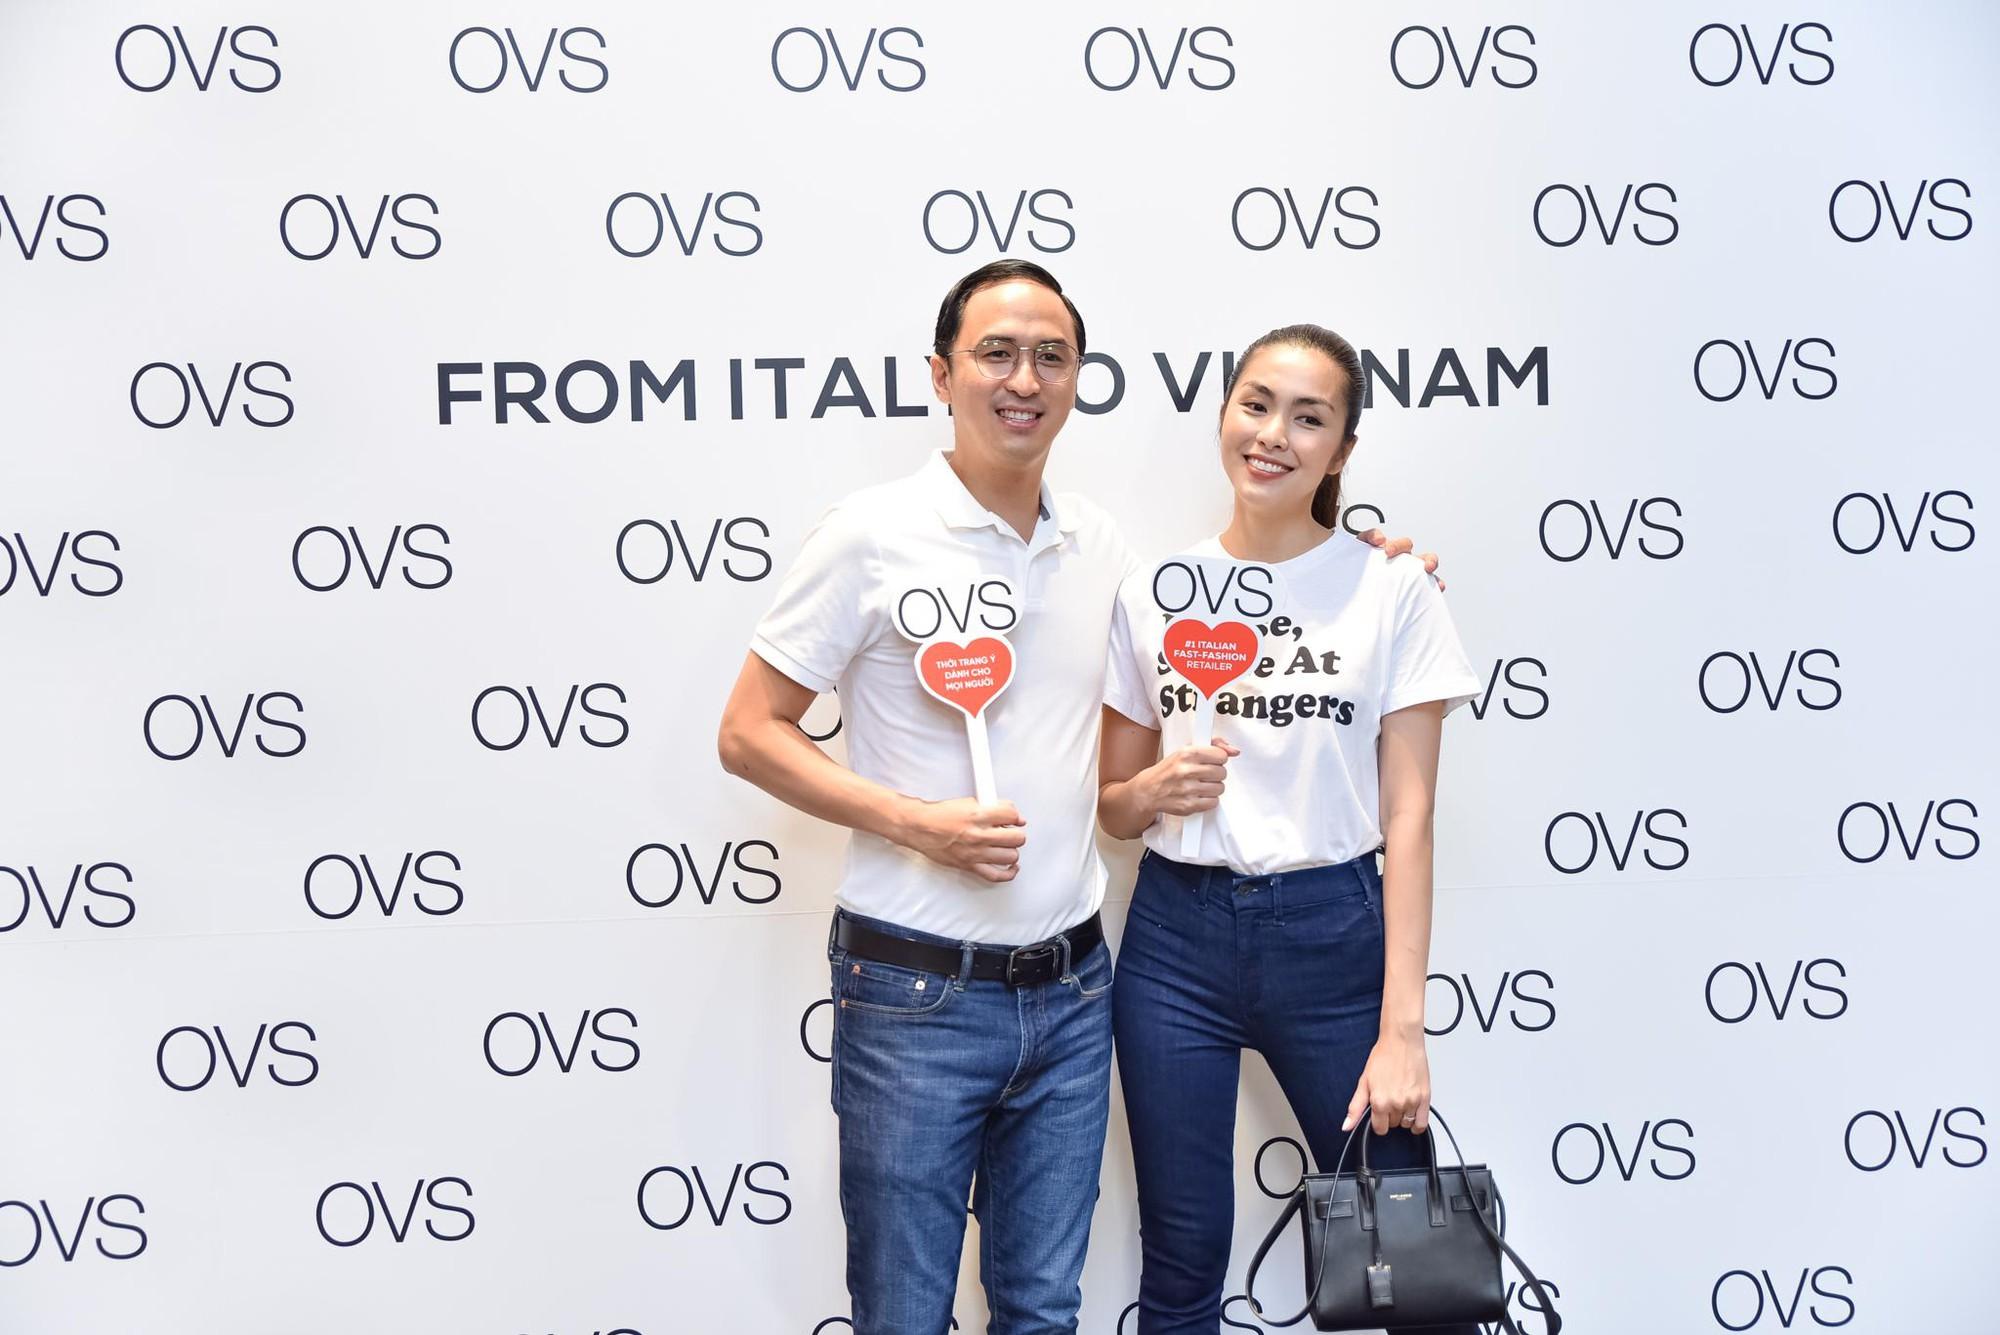 Hà Tăng rạng rỡ xuất hiện cùng chồng trong sự kiện khai trương cửa hàng OVS đầu tiên tại Việt Nam - Ảnh 2.